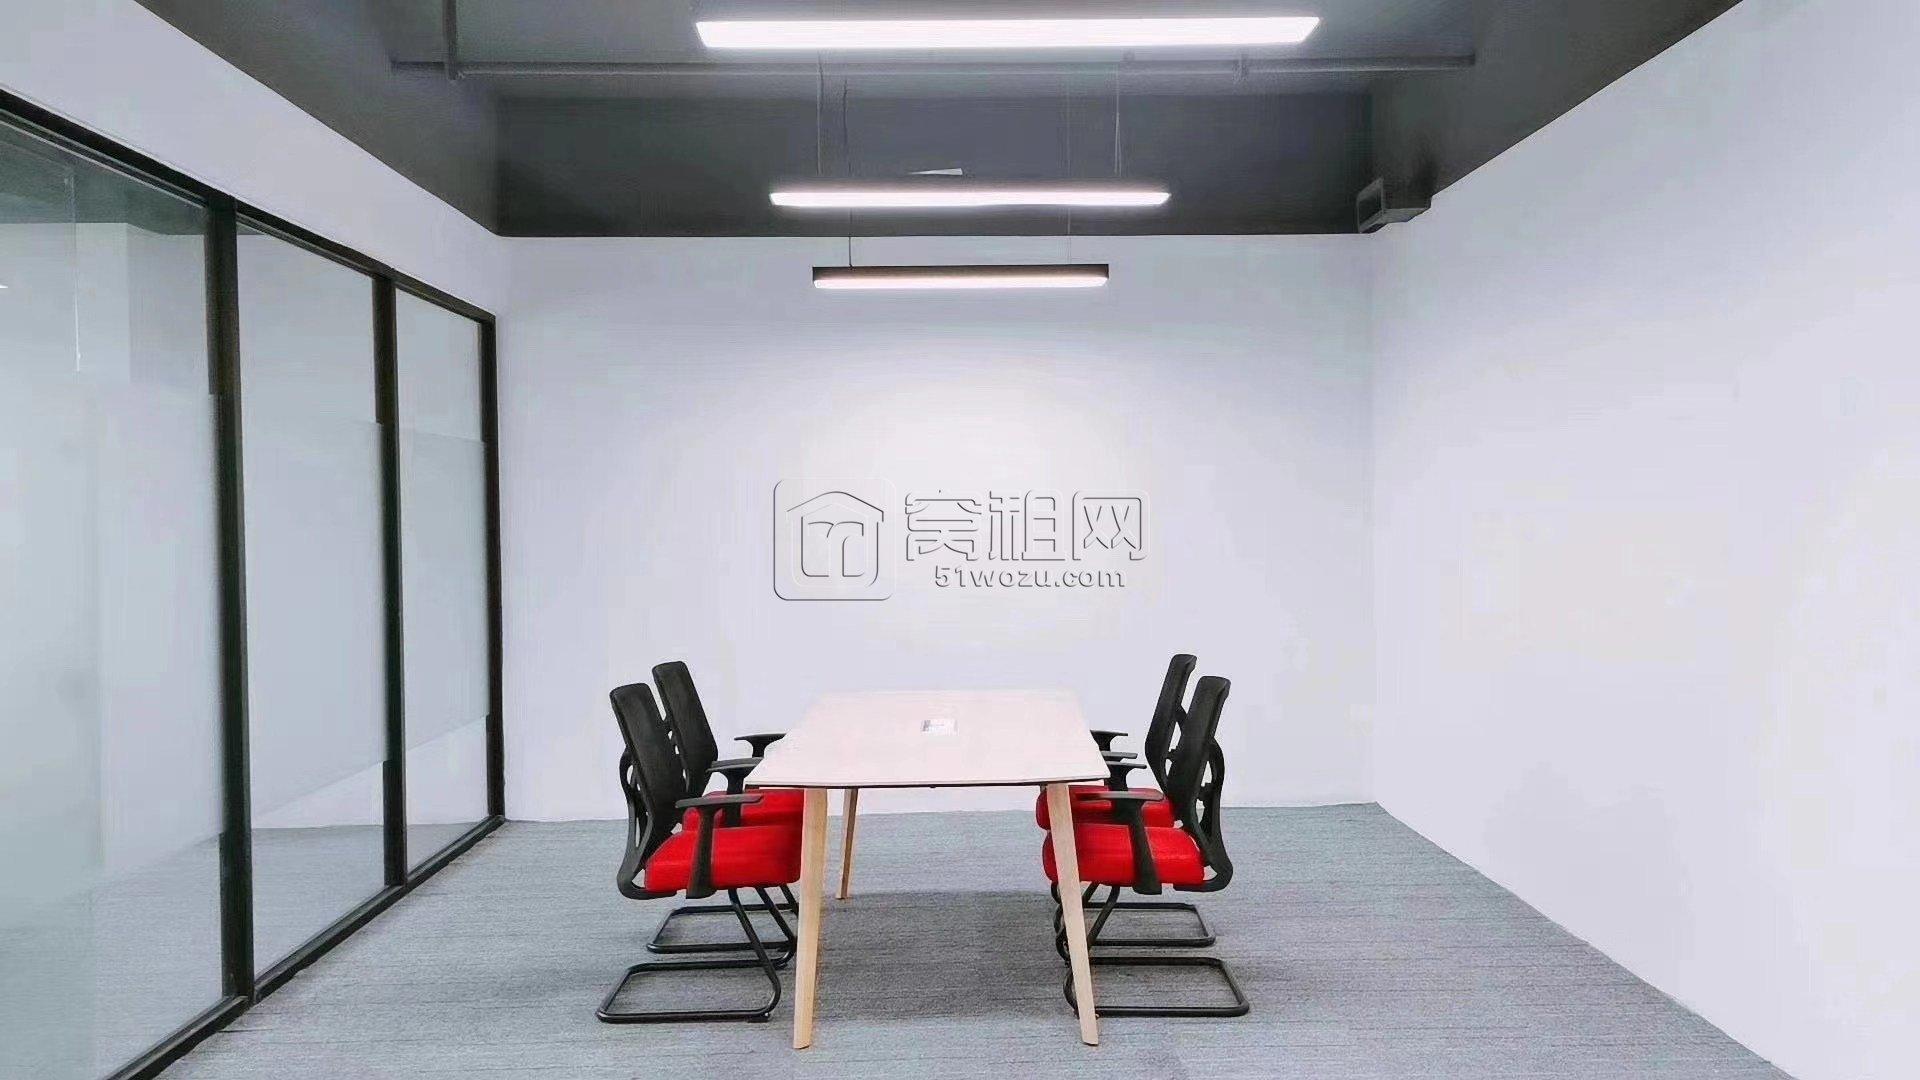 宁波智慧园迪信通102平1个独立办公室出租